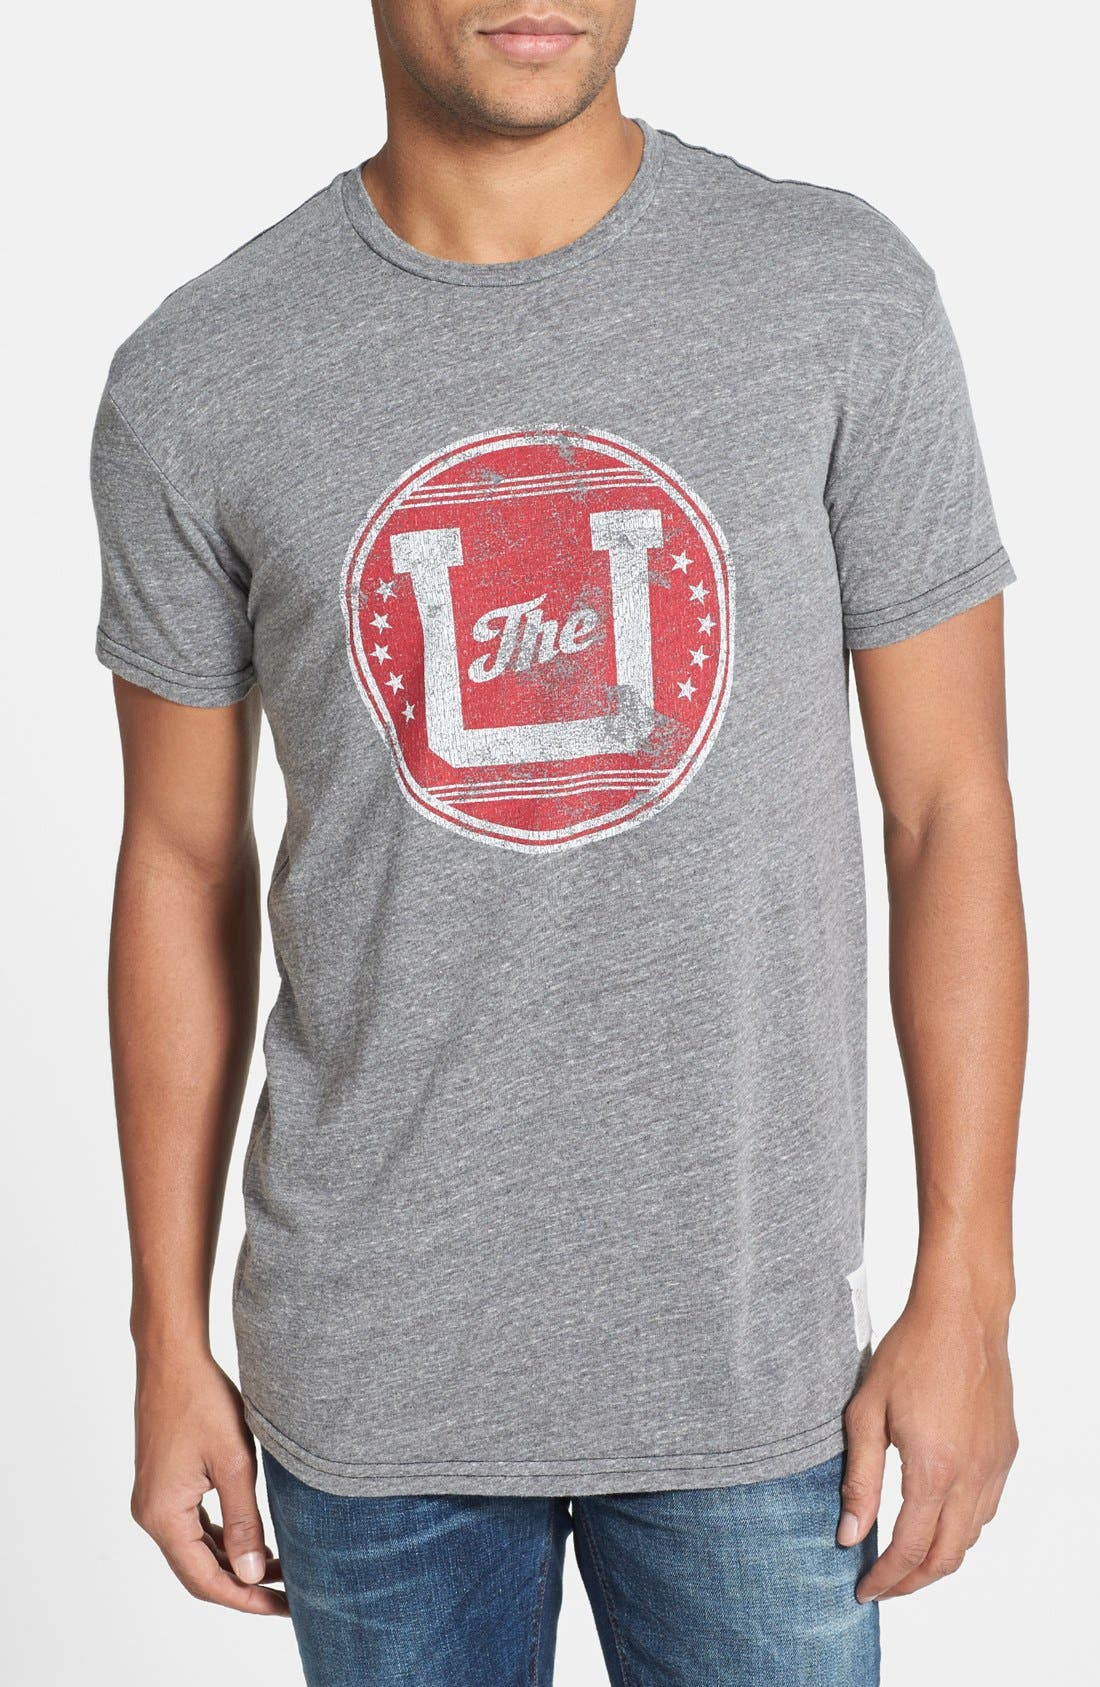 Main Image - Retro Brand 'The U - University of Utah' Graphic T-Shirt